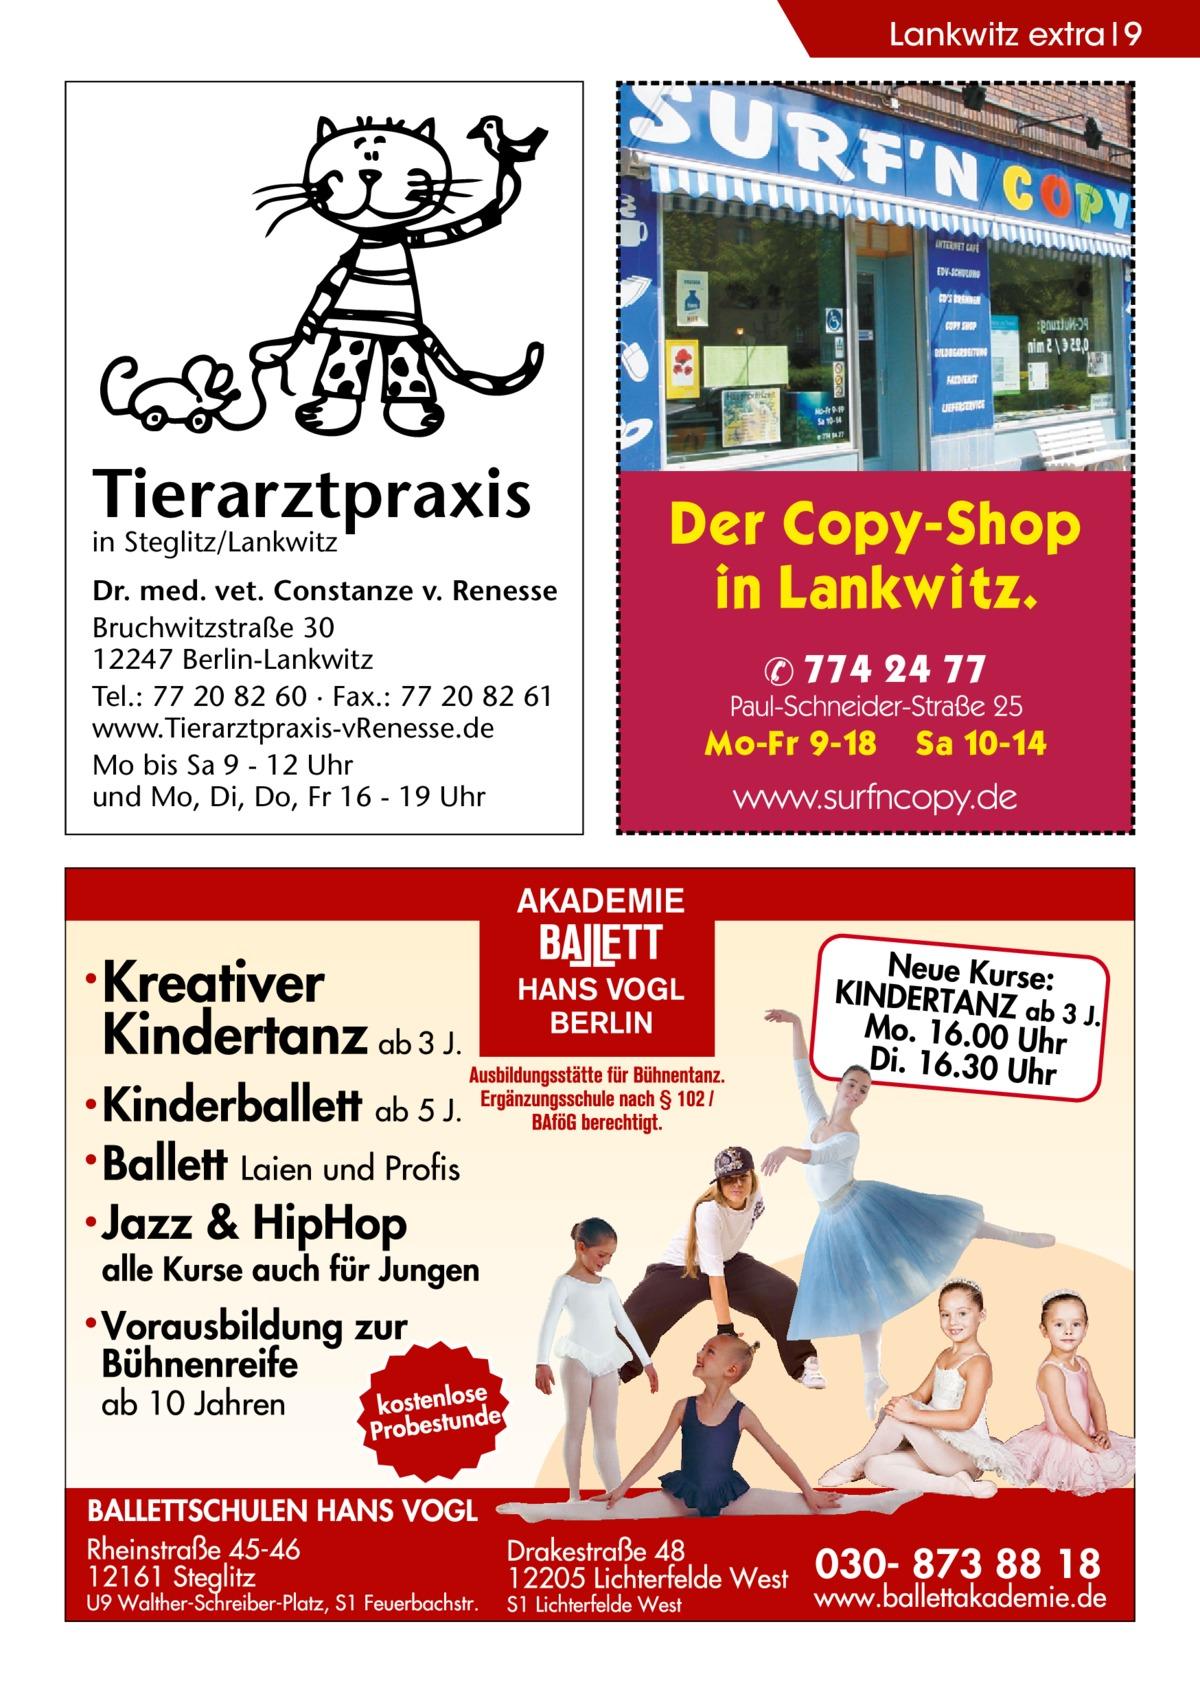 Lankwitz Ratgeber extra 9  Tierarztpraxis in Steglitz/Lankwitz Dr. med. vet. Constanze v. Renesse Bruchwitzstraße 30 12247 Berlin-Lankwitz Tel.: 77 20 82 60 · Fax.: 77 20 82 61 www.Tierarztpraxis-vRenesse.de Mo bis Sa 9 - 12 Uhr und Mo, Di, Do, Fr 16 - 19 Uhr